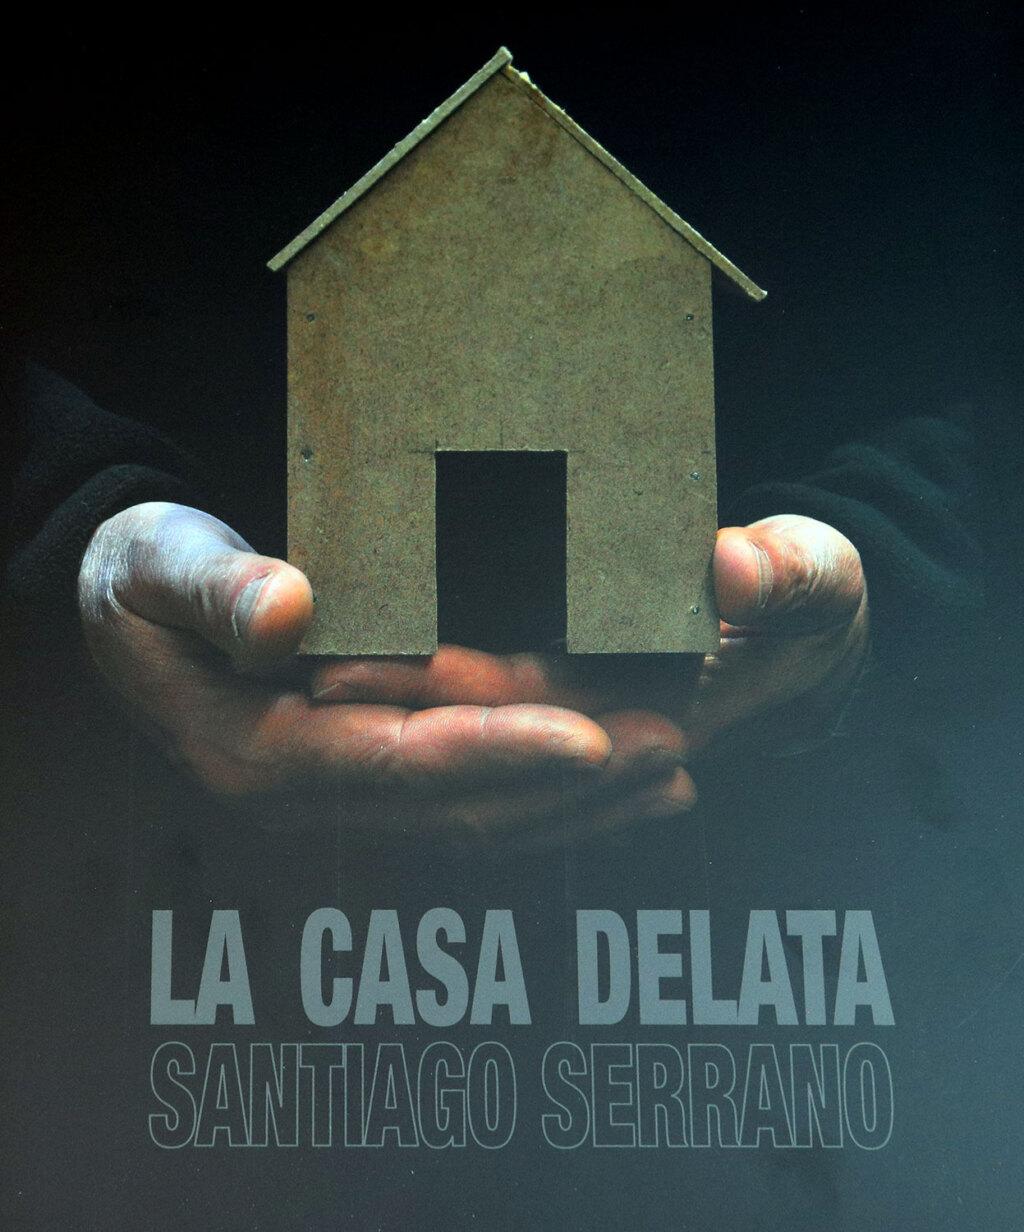 Portada del libro catalogo la casa delata de Santiago Serrano